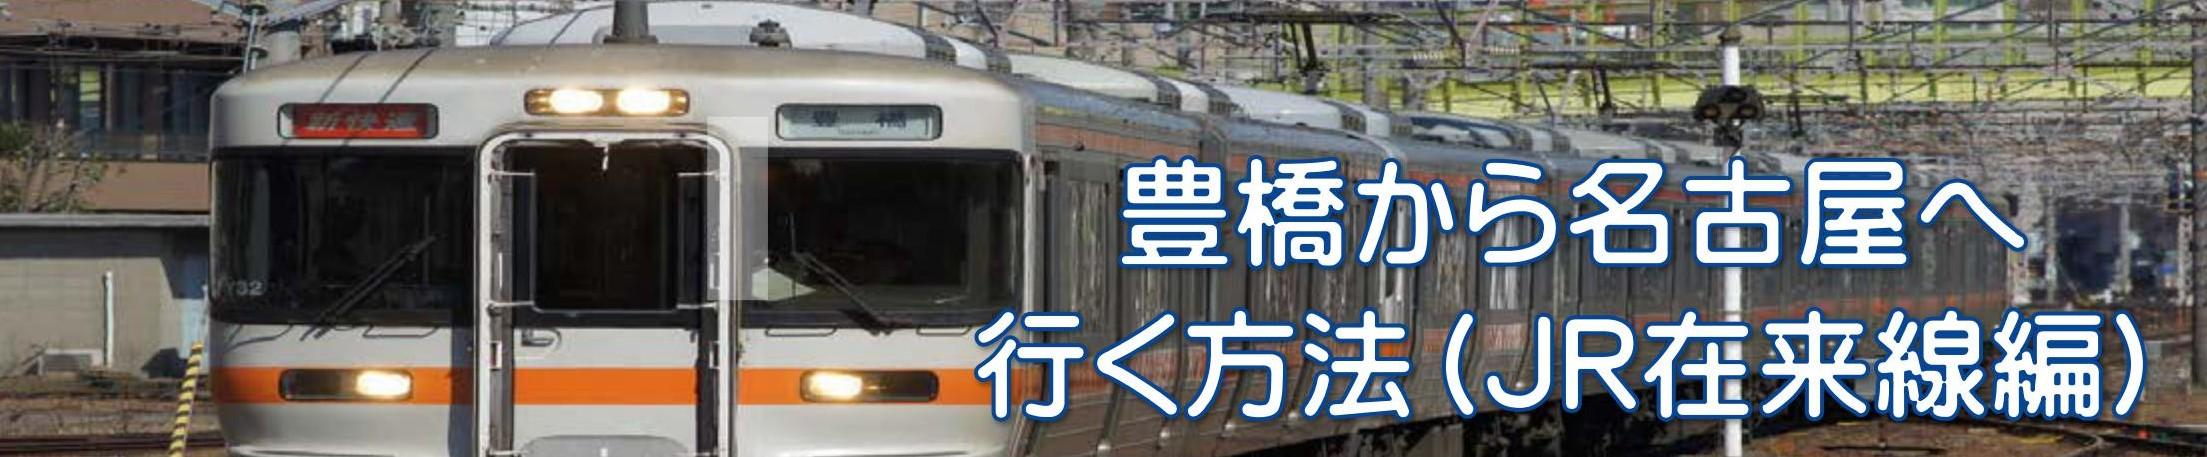 金券ショップ豊橋西駅・豊橋から名古屋へ